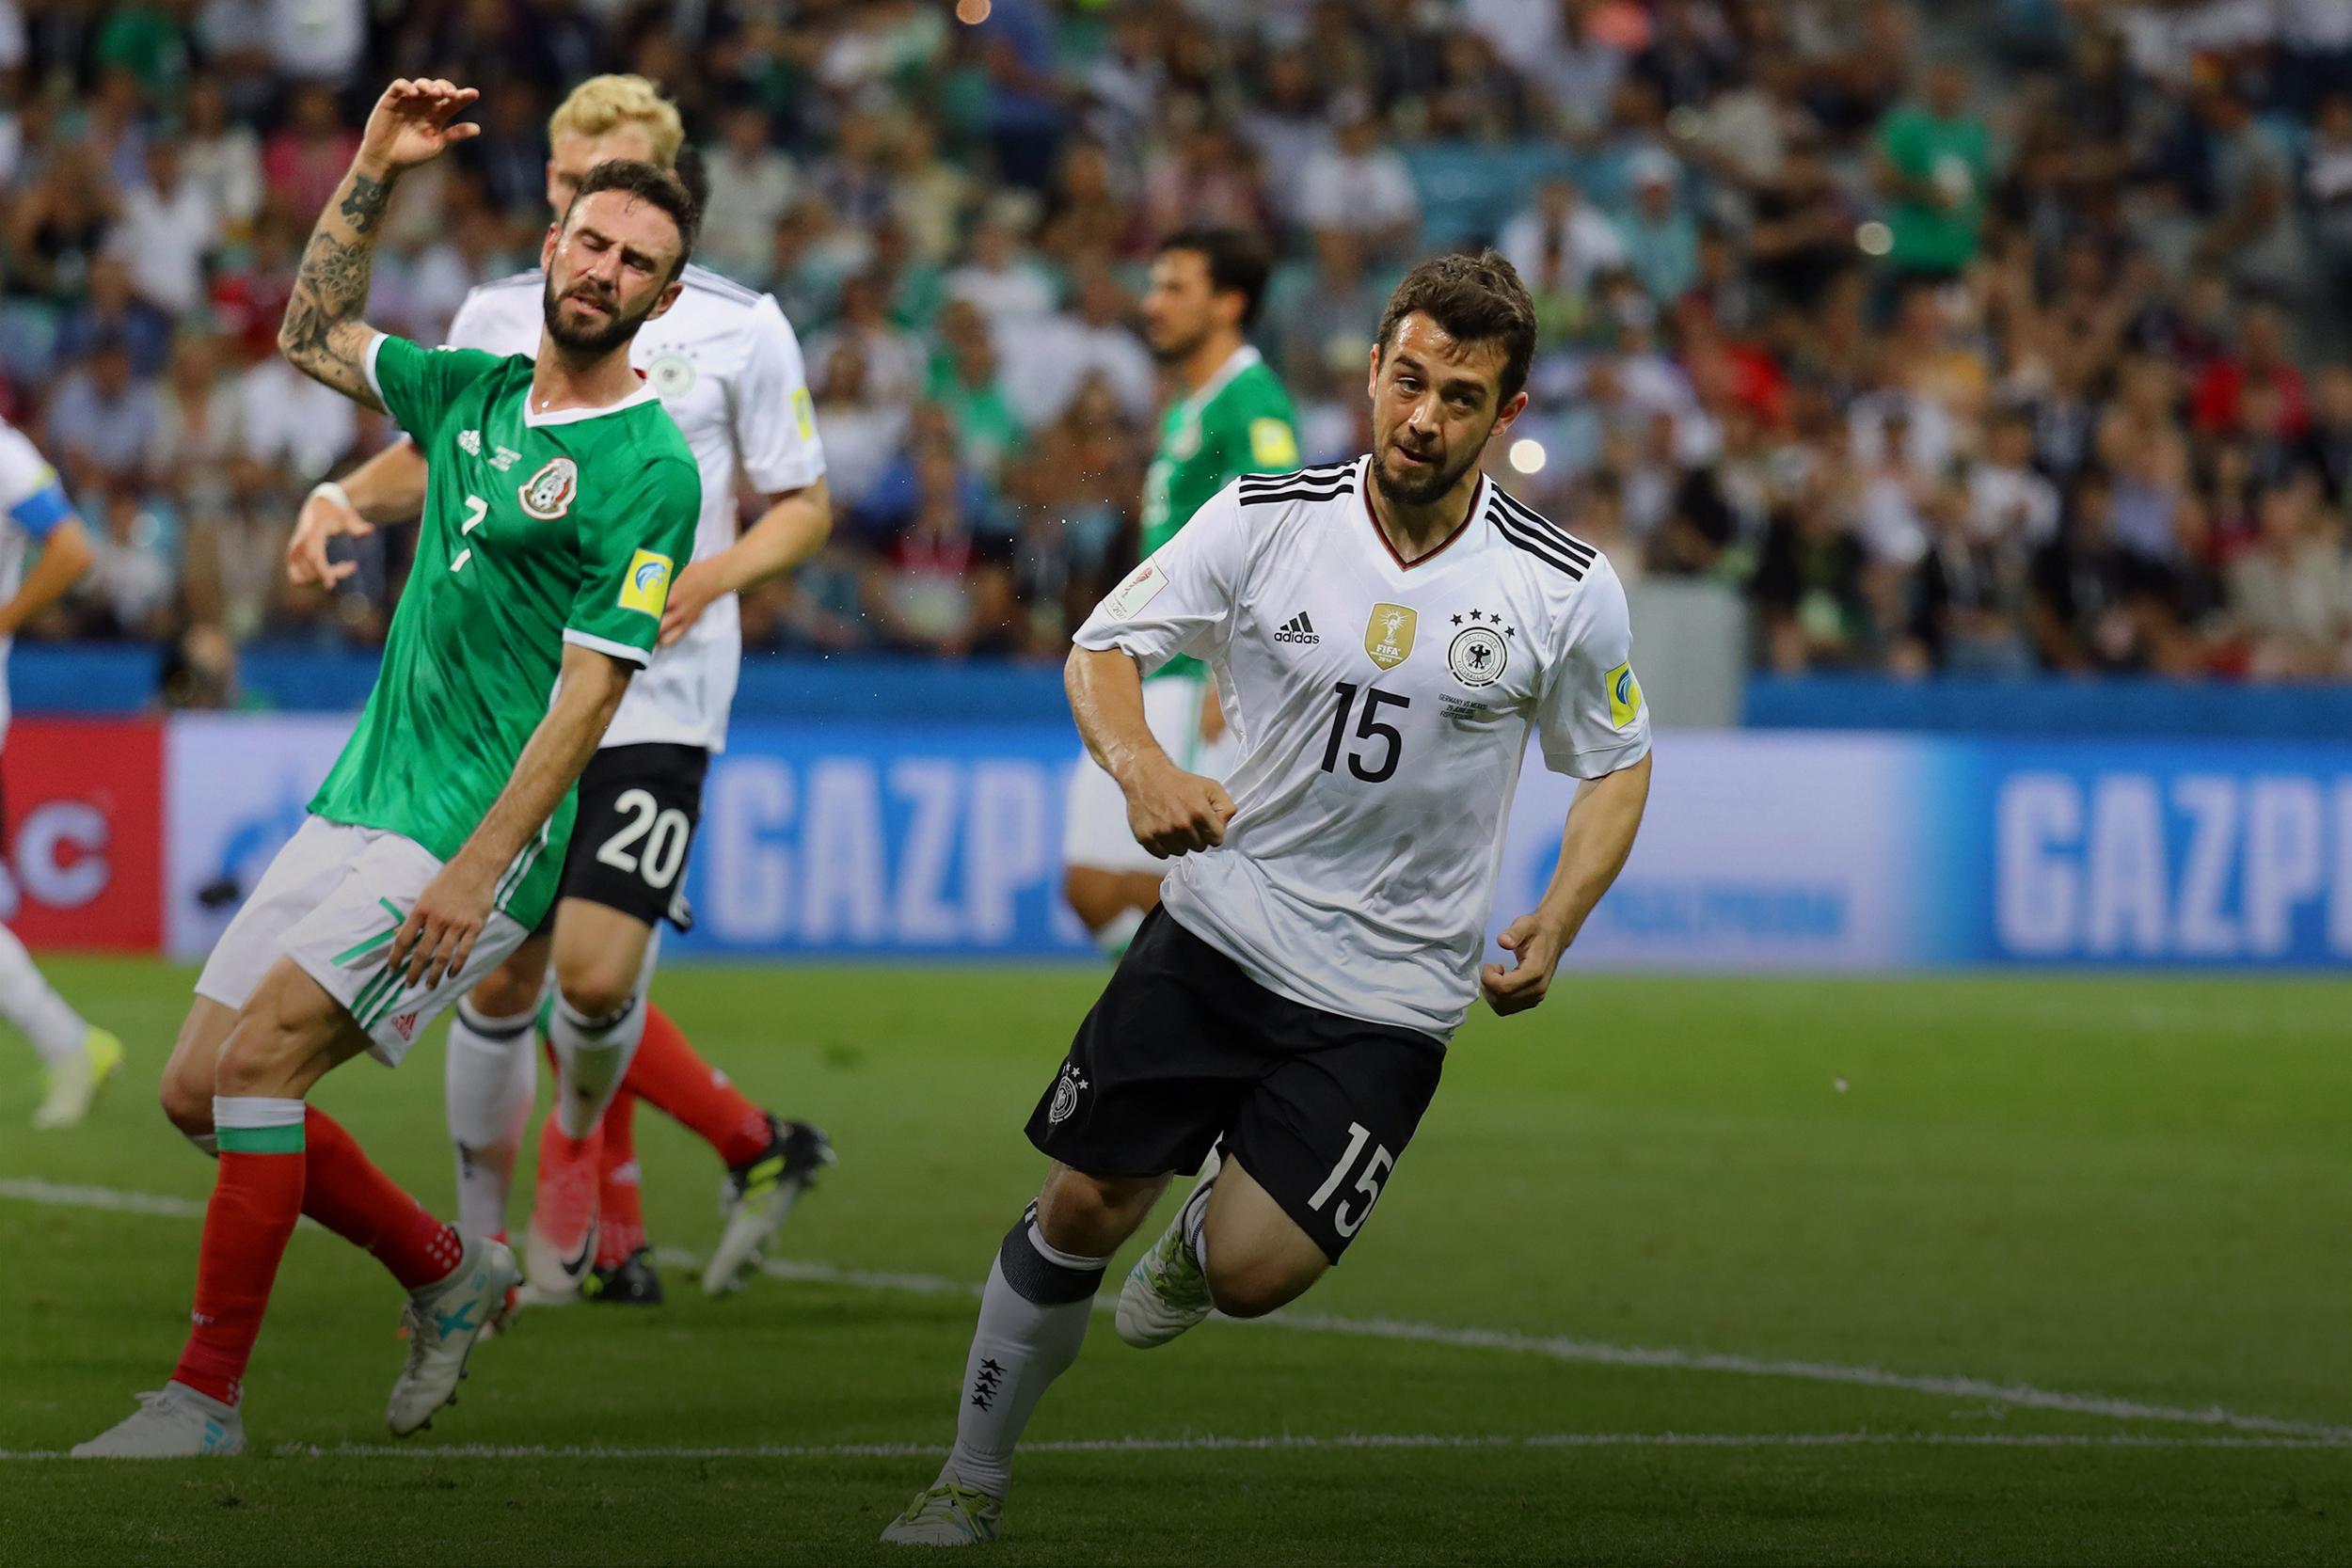 مبارة المنتخب الألماني المكسيكي